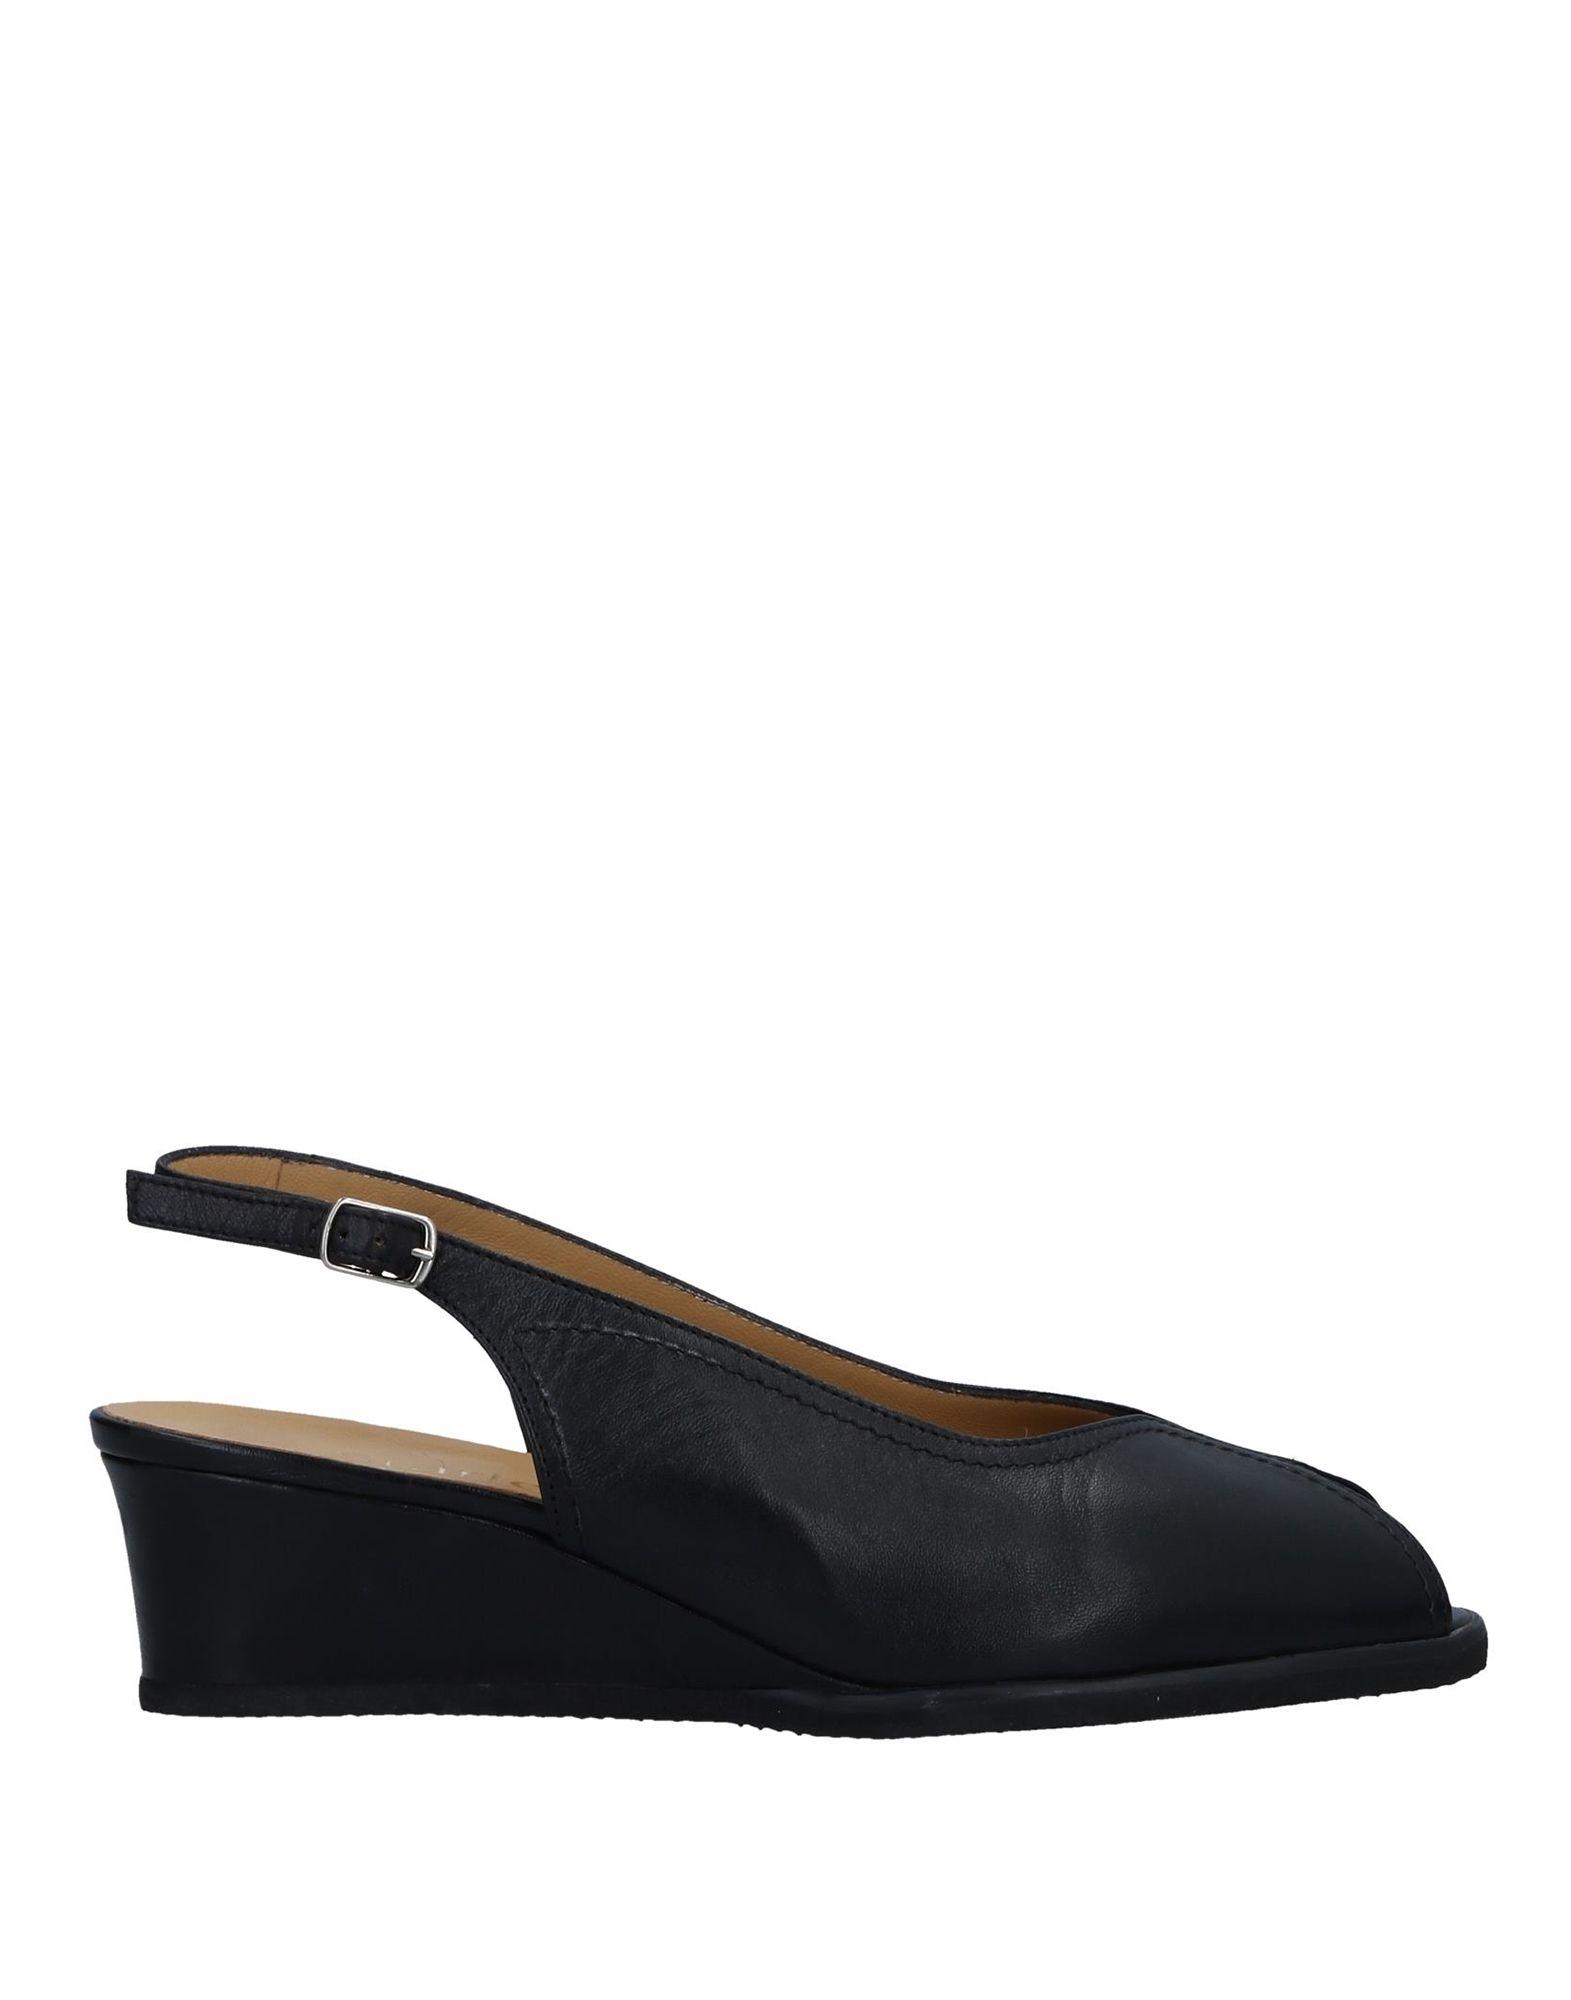 Starlet Gute Sandalen Damen  11533174IQ Gute Starlet Qualität beliebte Schuhe 53335d